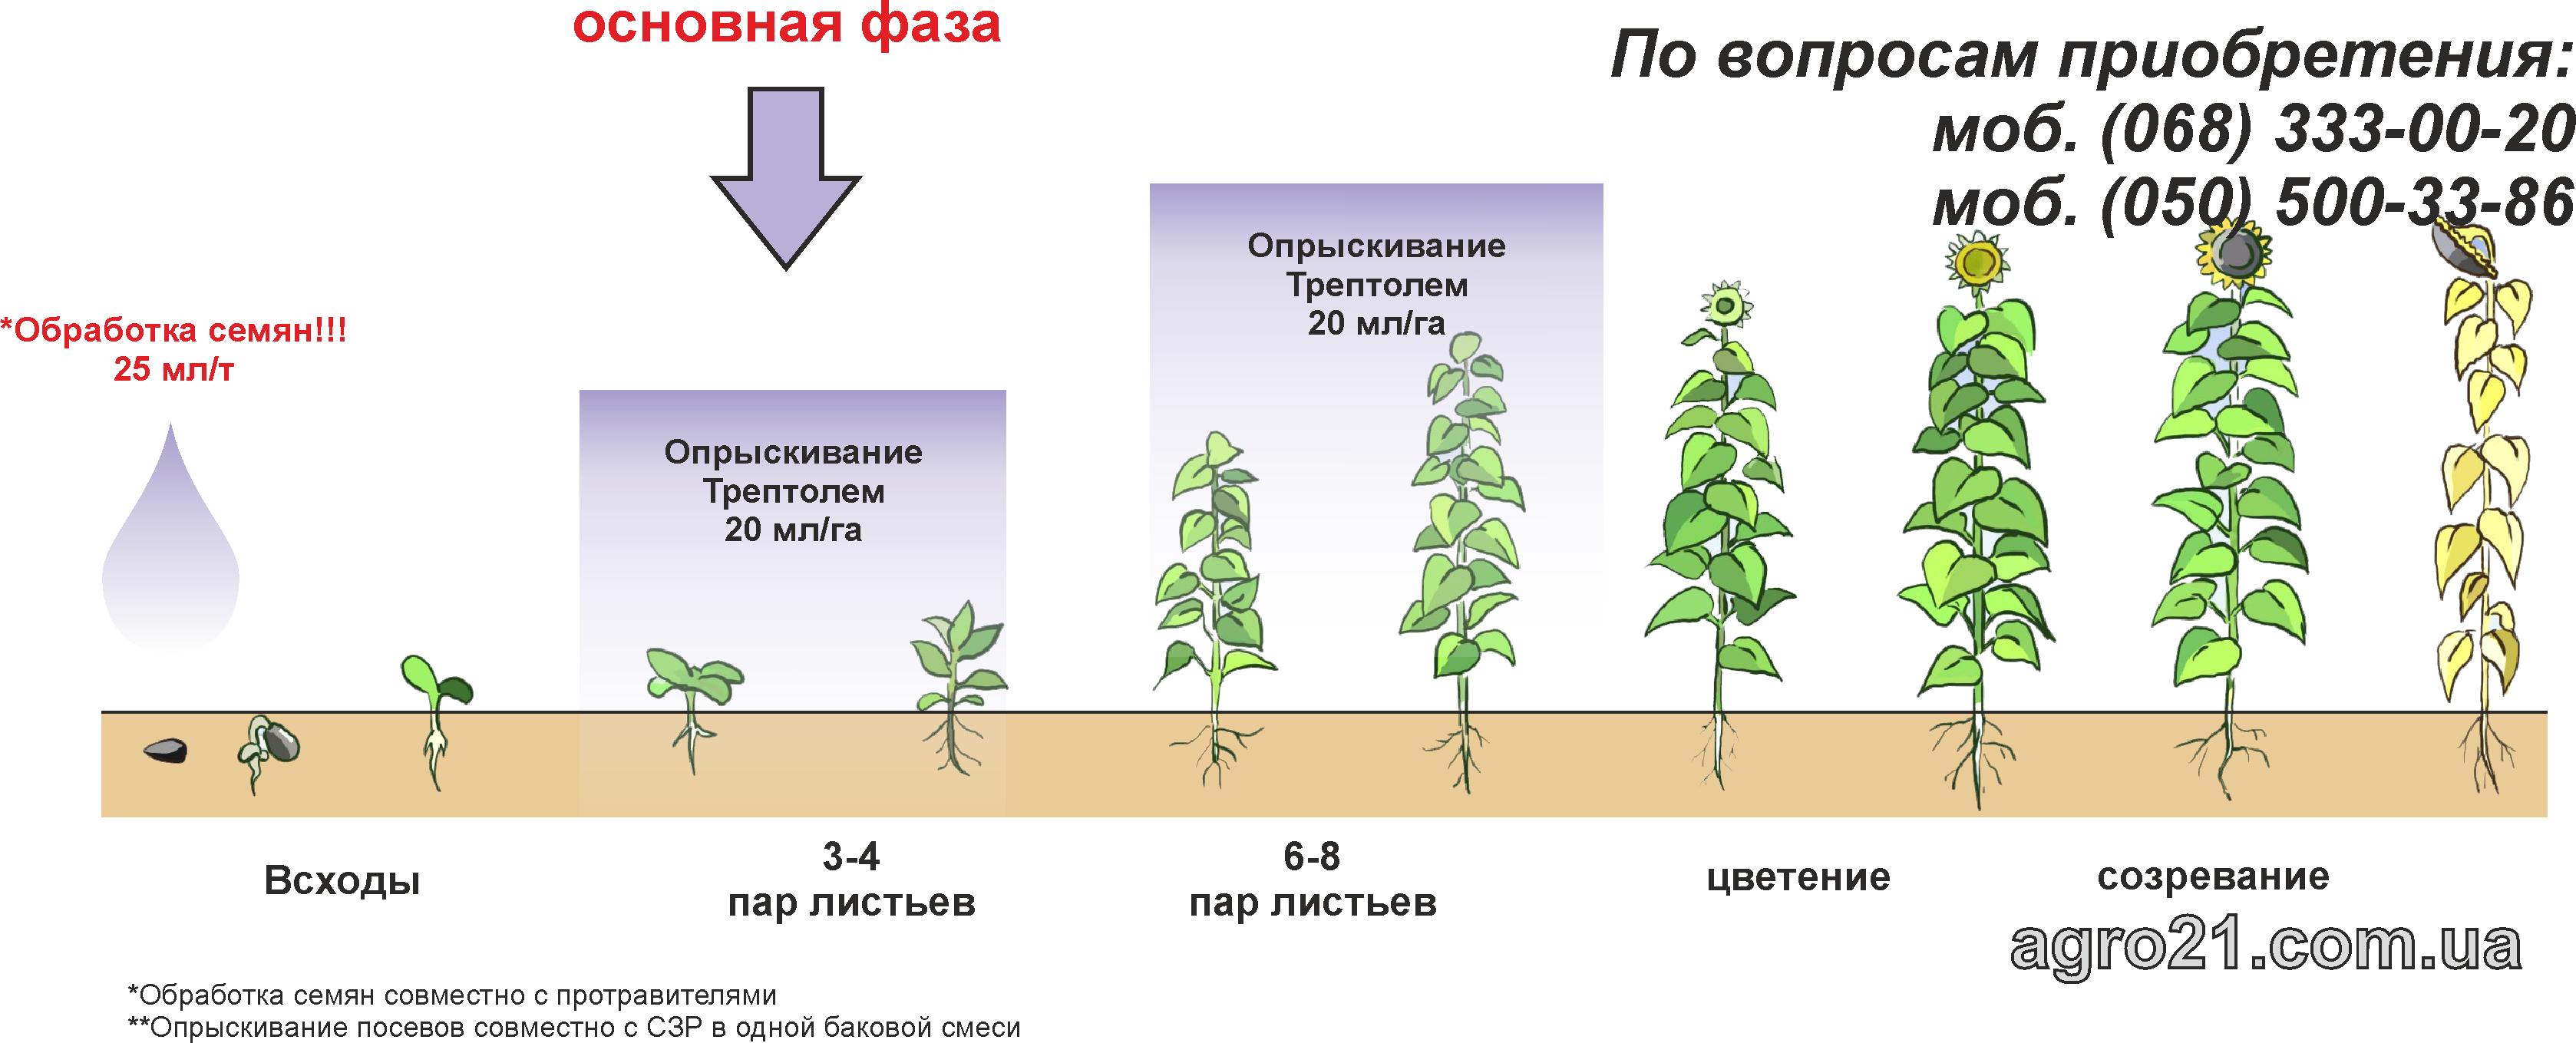 Трептолем - стимулятор росту рослин для ріпаку та соняшнику. Схеми застосування на соняшнику